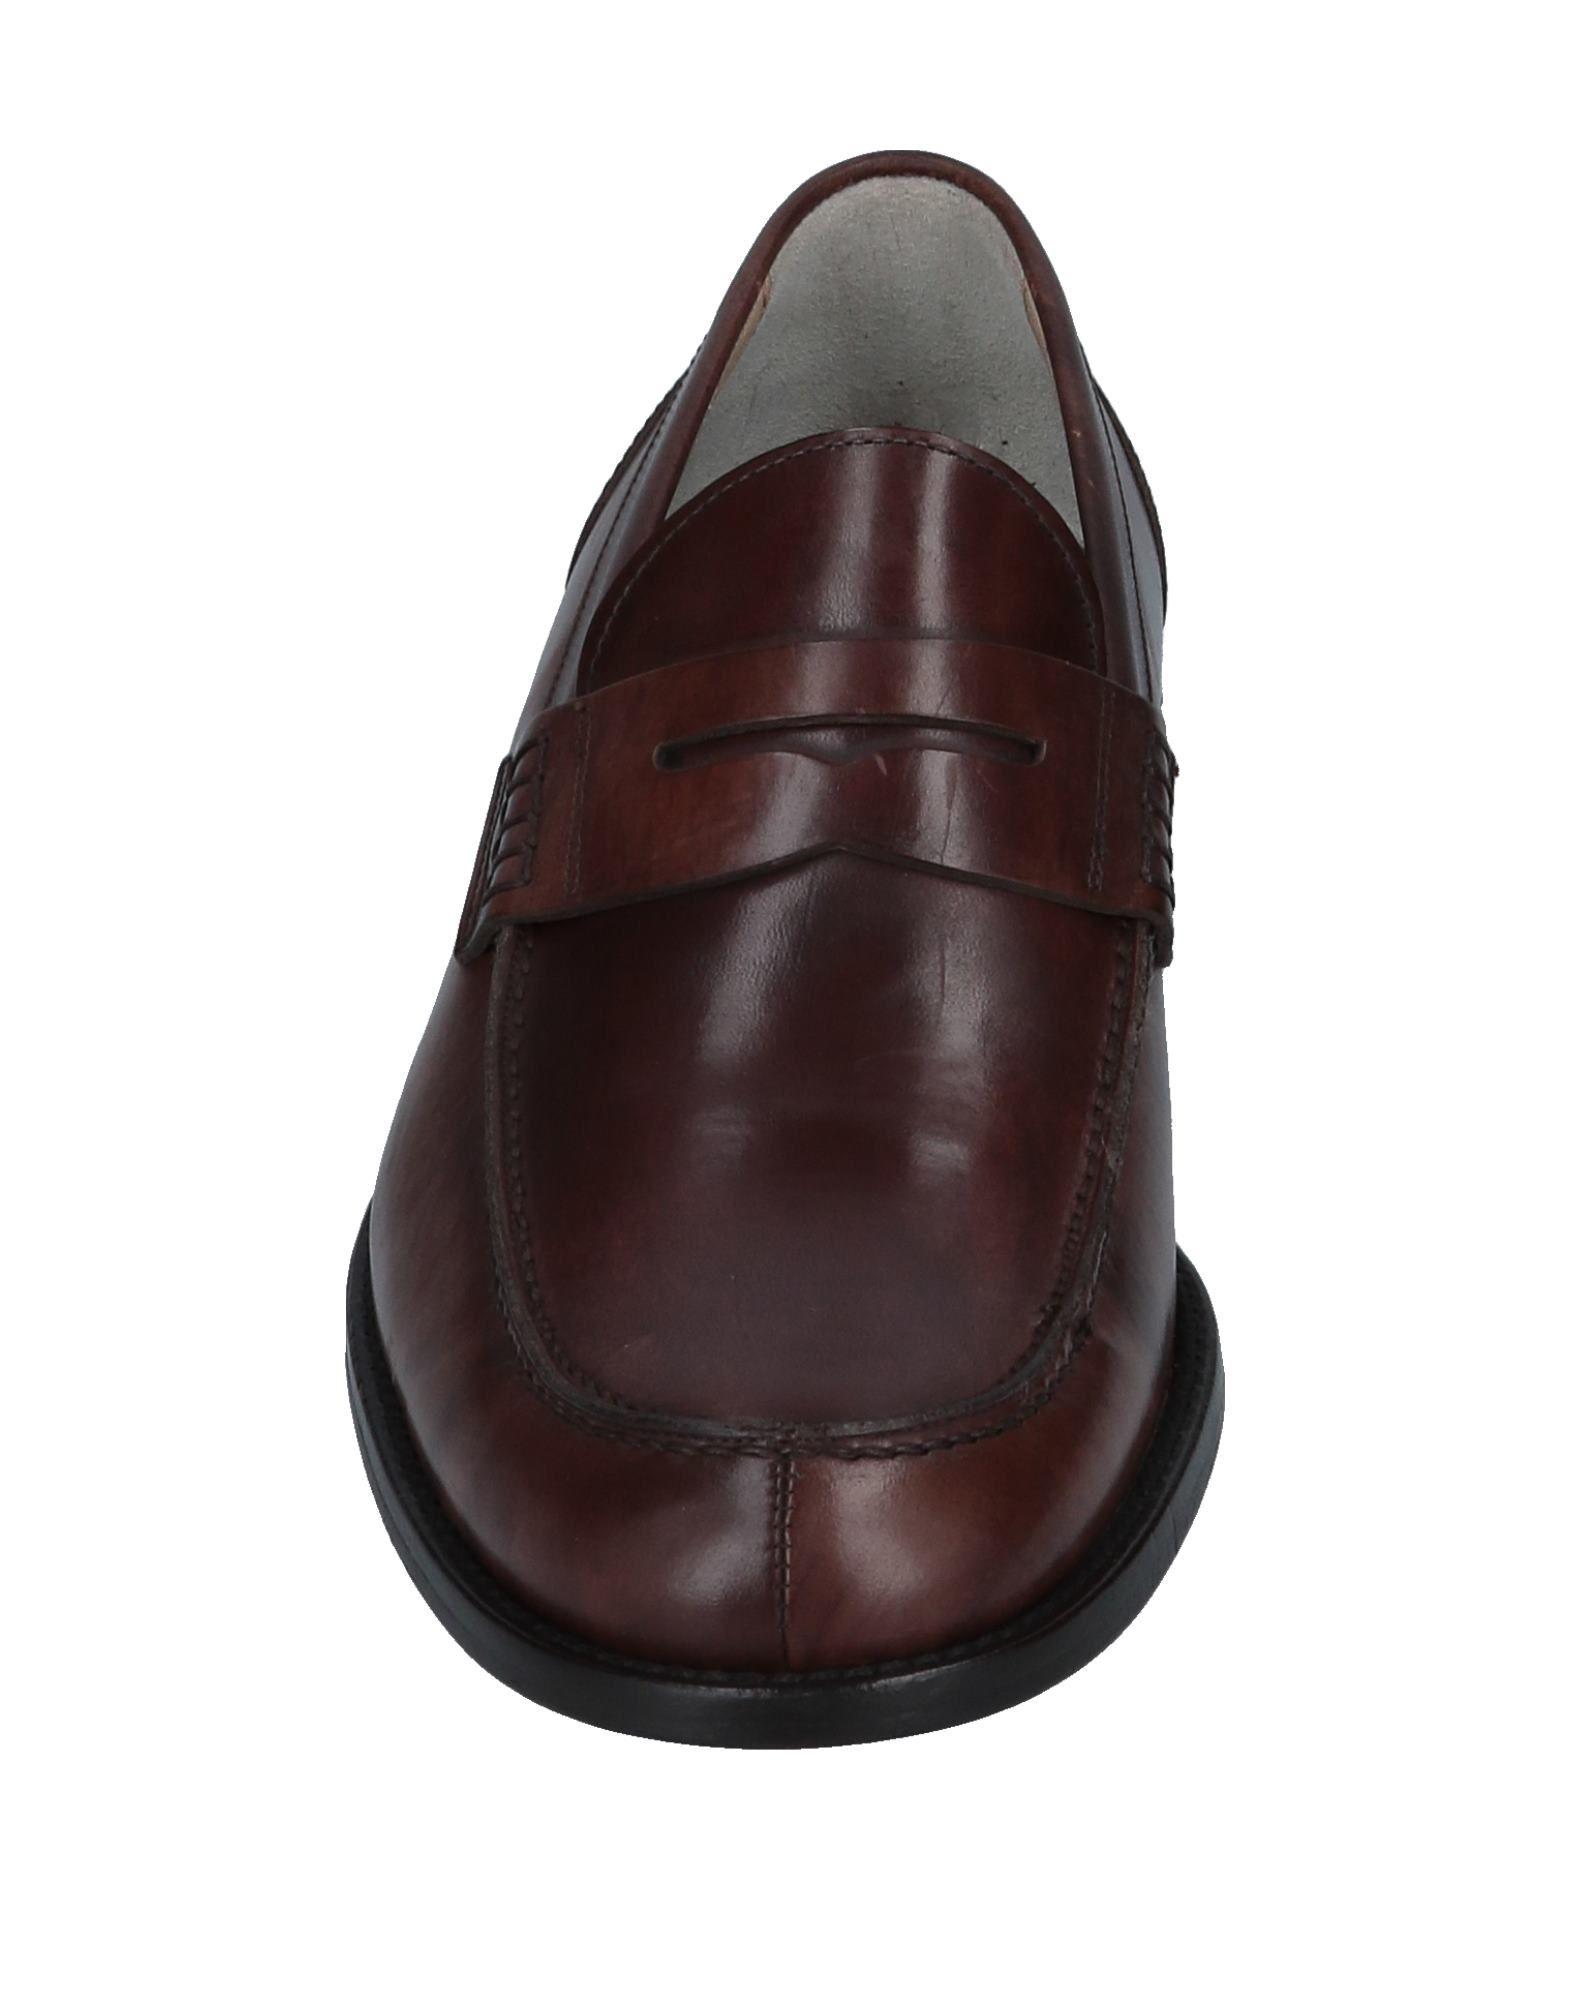 Baldinini Mokassins Herren Qualität  11554218GO Gute Qualität Herren beliebte Schuhe 0f7f3d